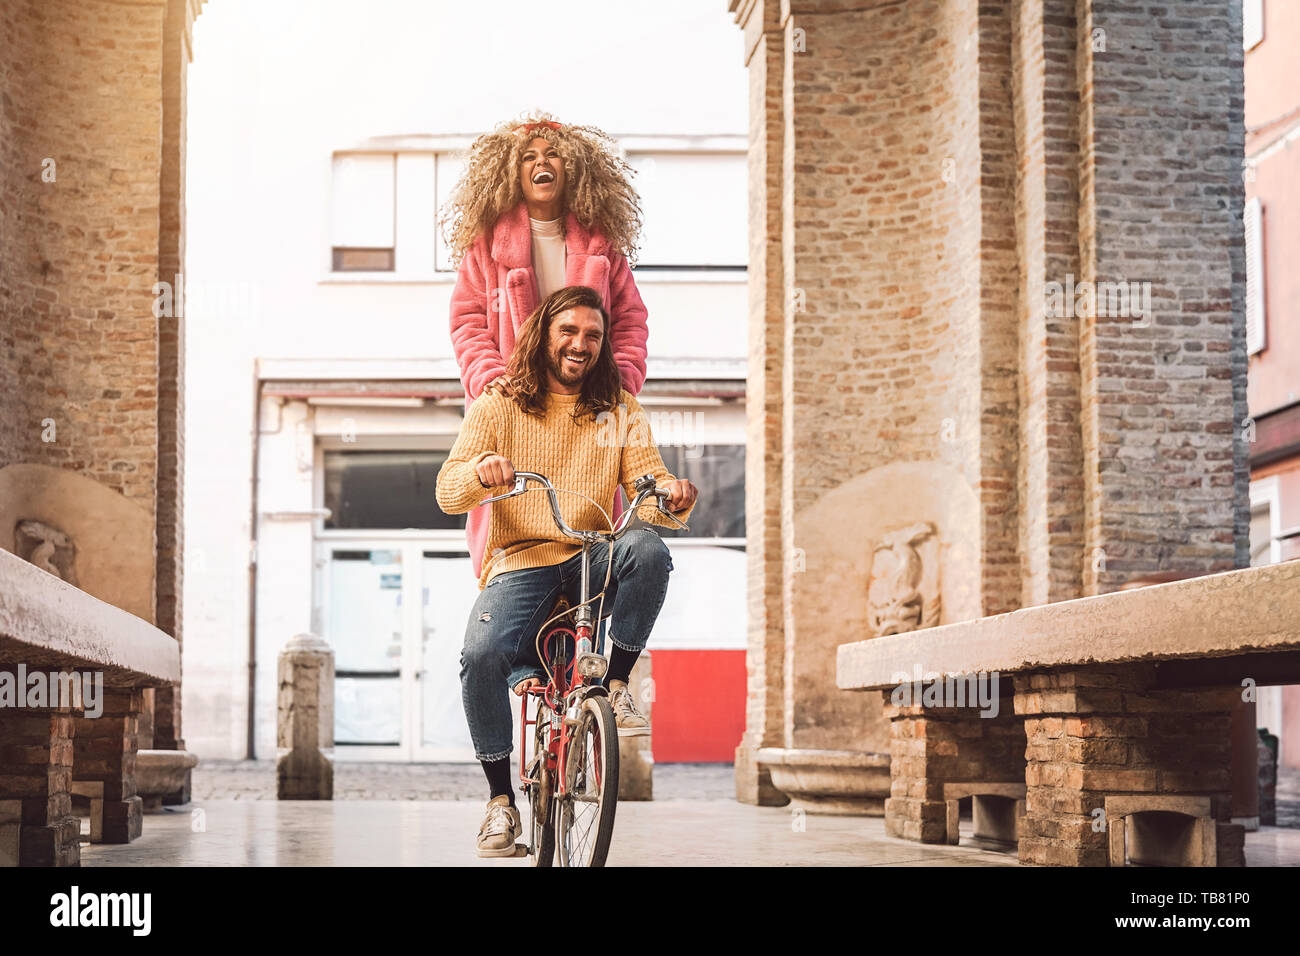 Coppia felice di andare in bicicletta nel centro città - Giovani avendo divertimento outdoor - generazione millenaria e gioventù il concetto di stile di vita Foto Stock